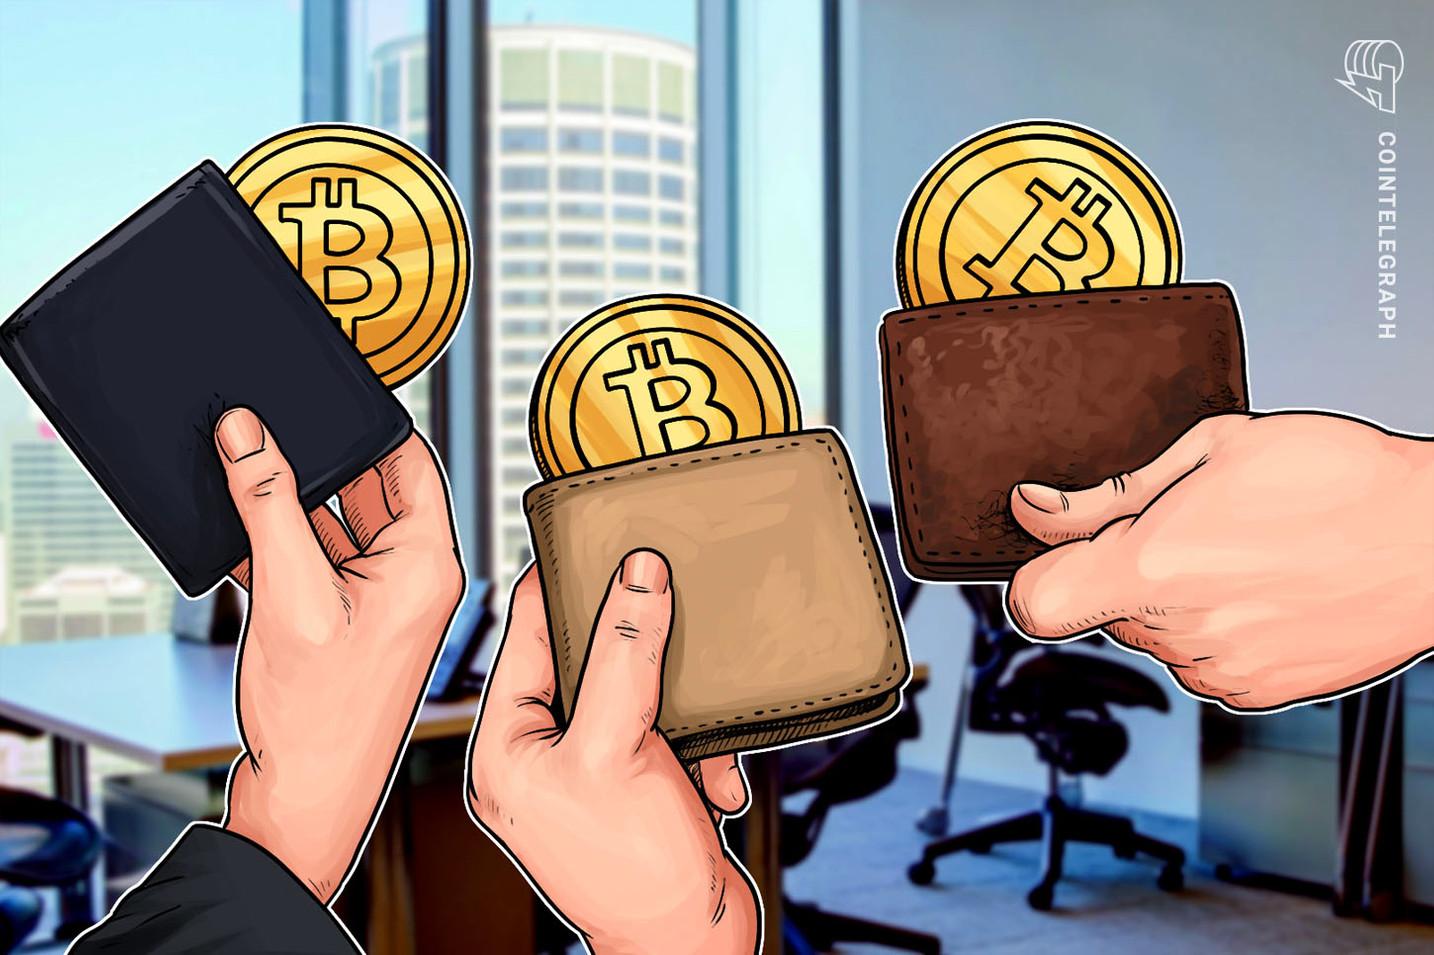 La reanudación de la actividad de las ballenas de Bitcoin podría afectar los precios, dicen los analistas